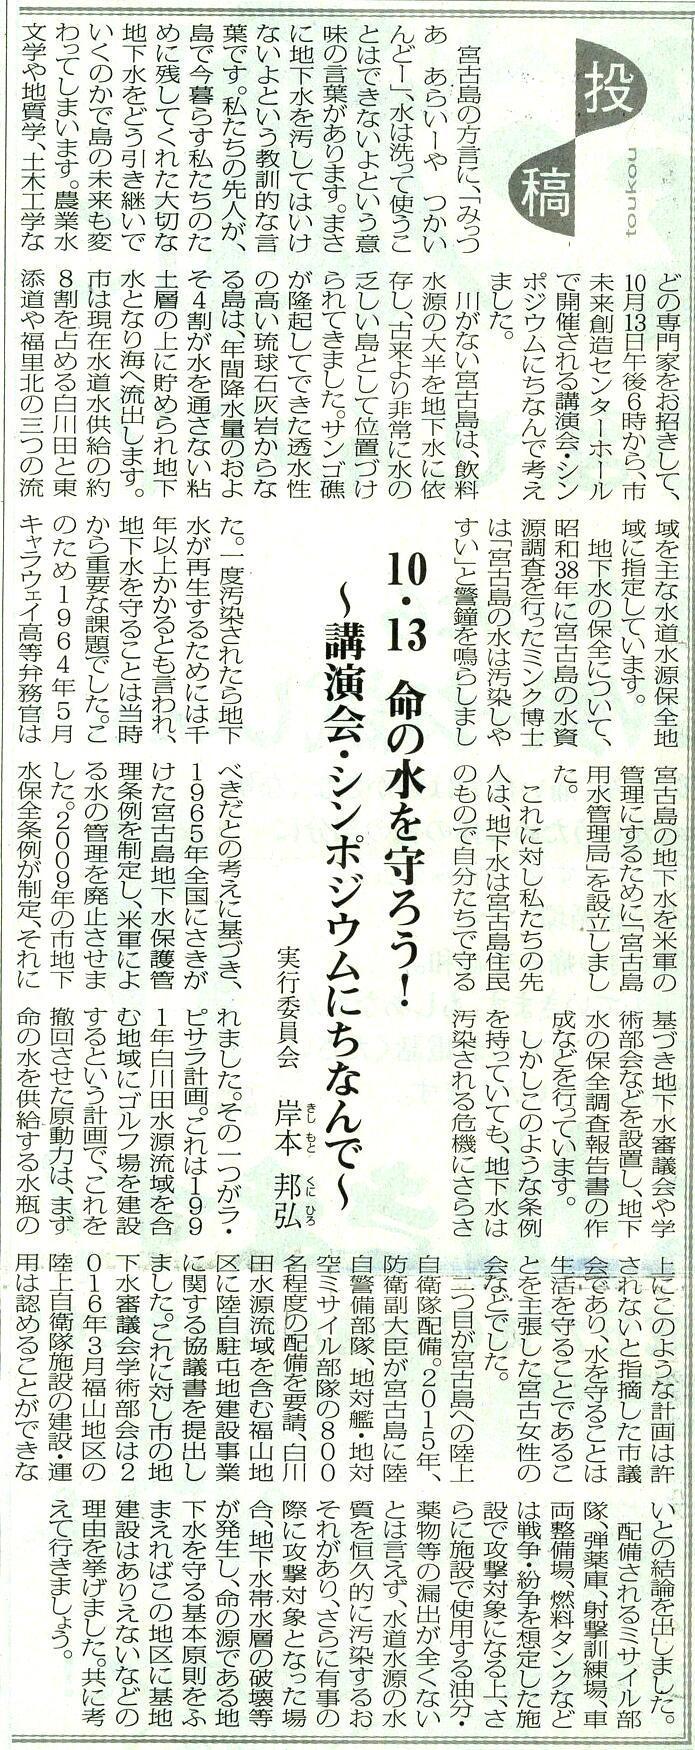 miyakomainichi2019 10111a